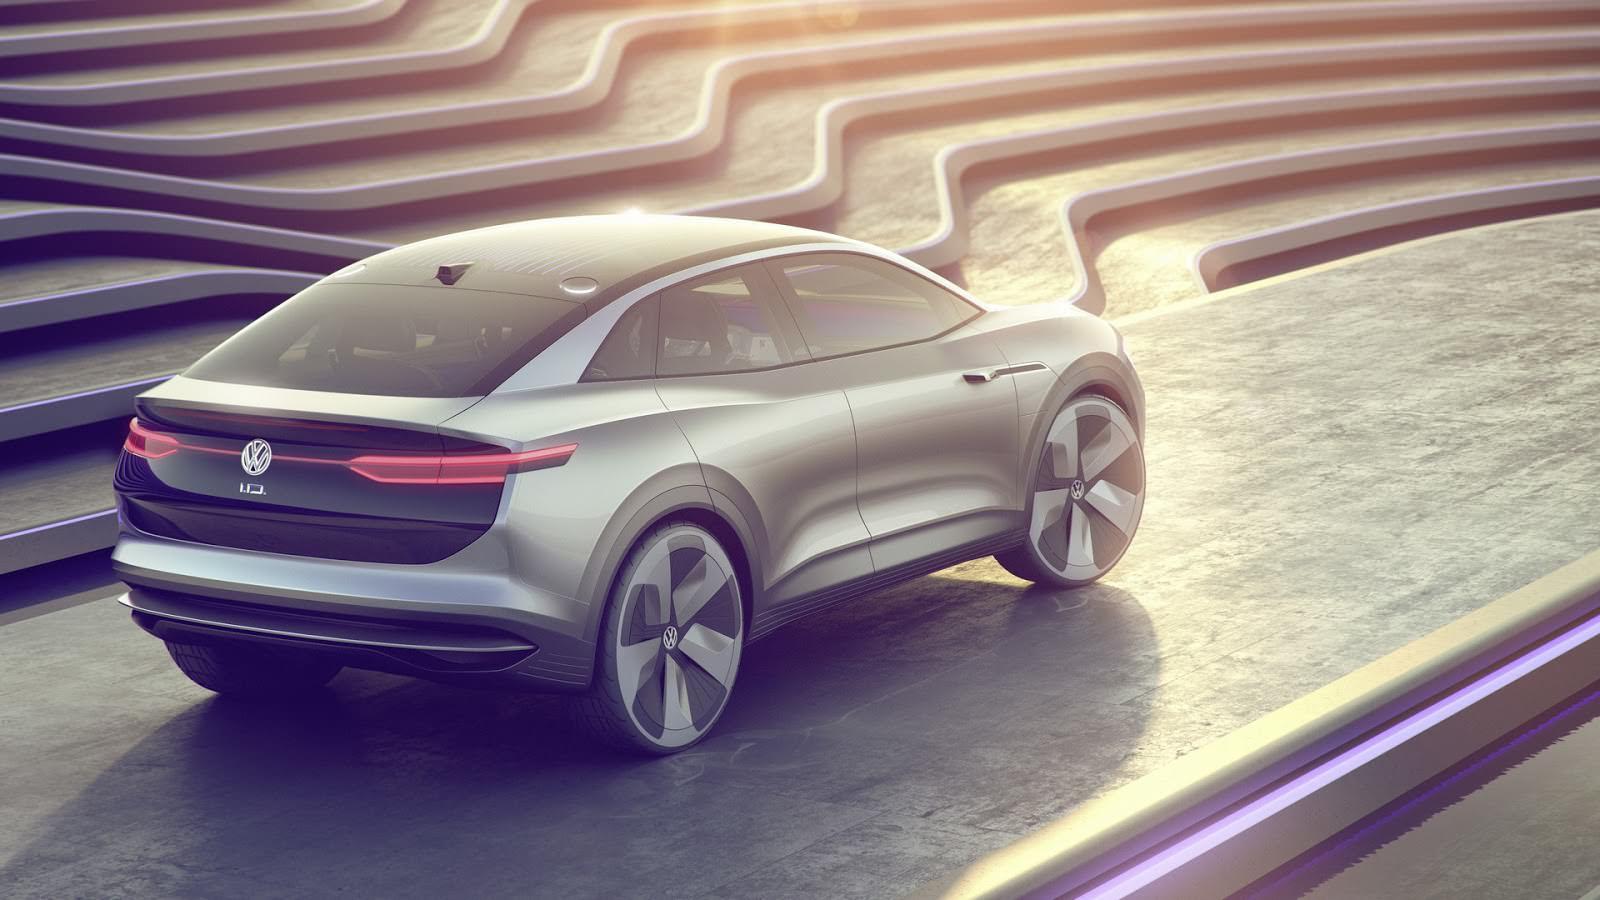 Кроссовер Volkswagen I.D. Crozz. Концепт 2017 года